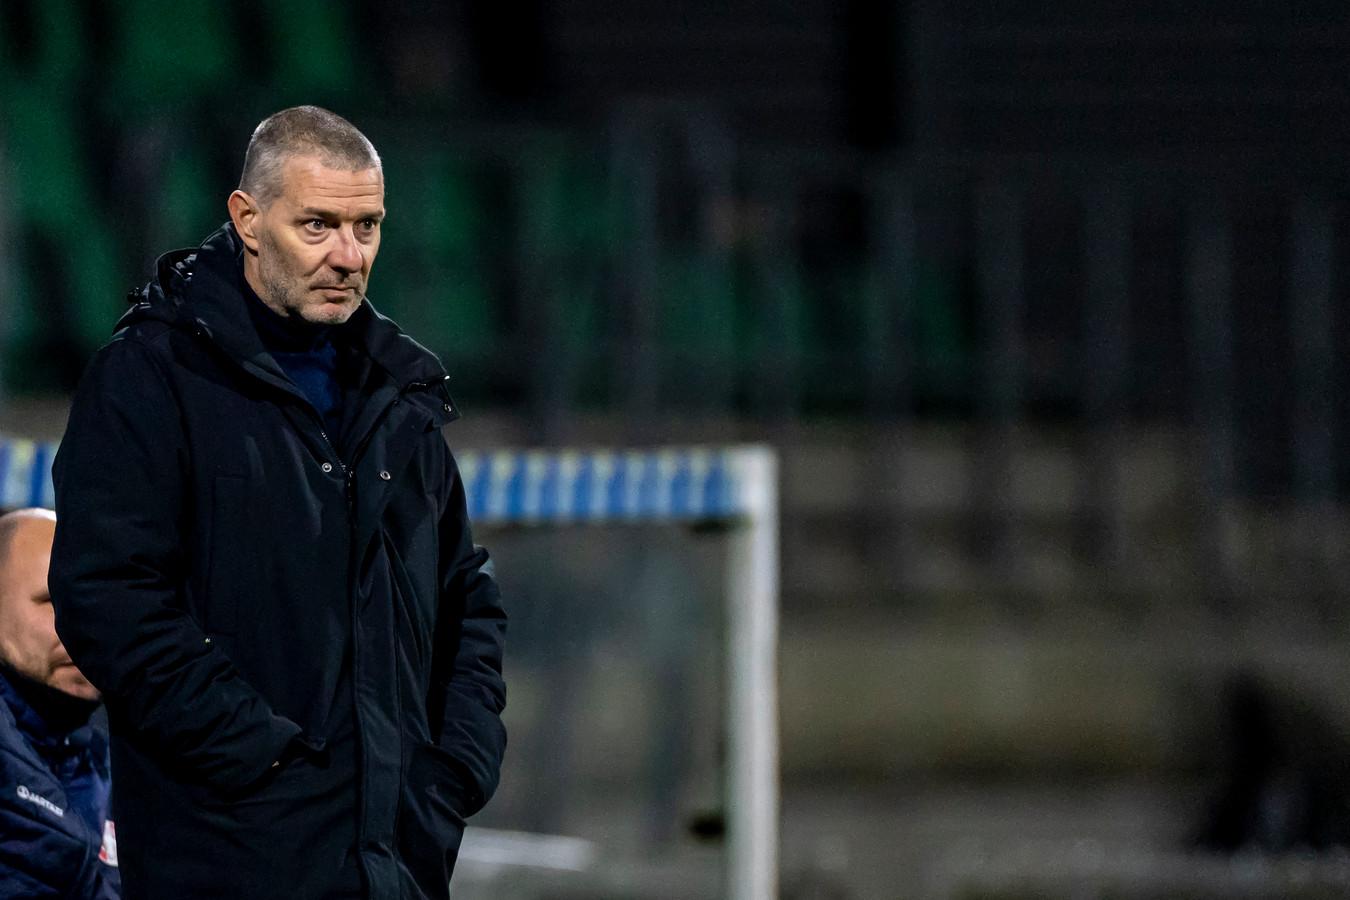 Typerend beeld: FC Dordrecht-trainer Jan Zoutman kijkt bedenkelijk tijdens een wedstrijd van FC Dordrecht.